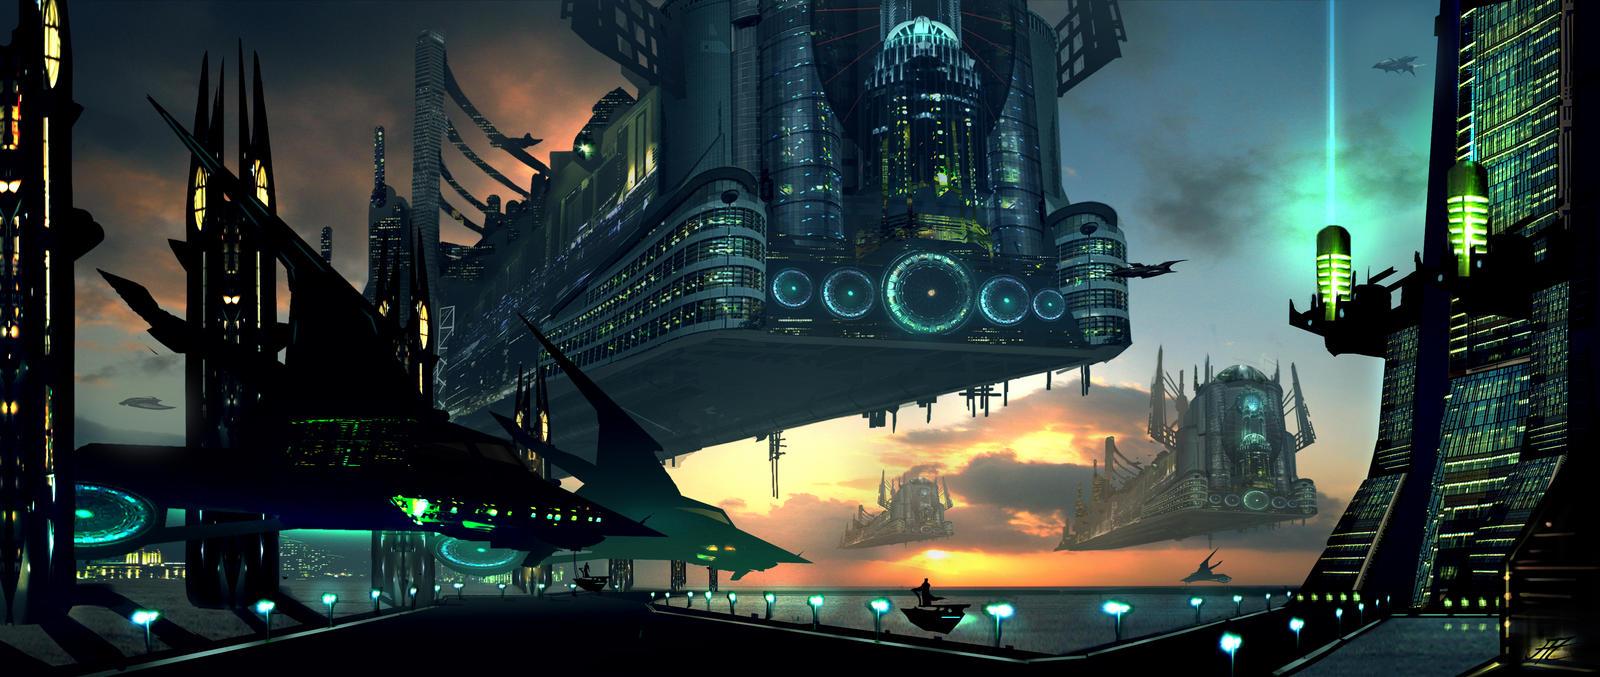 Hovering Metropolis by AlexRuizArt